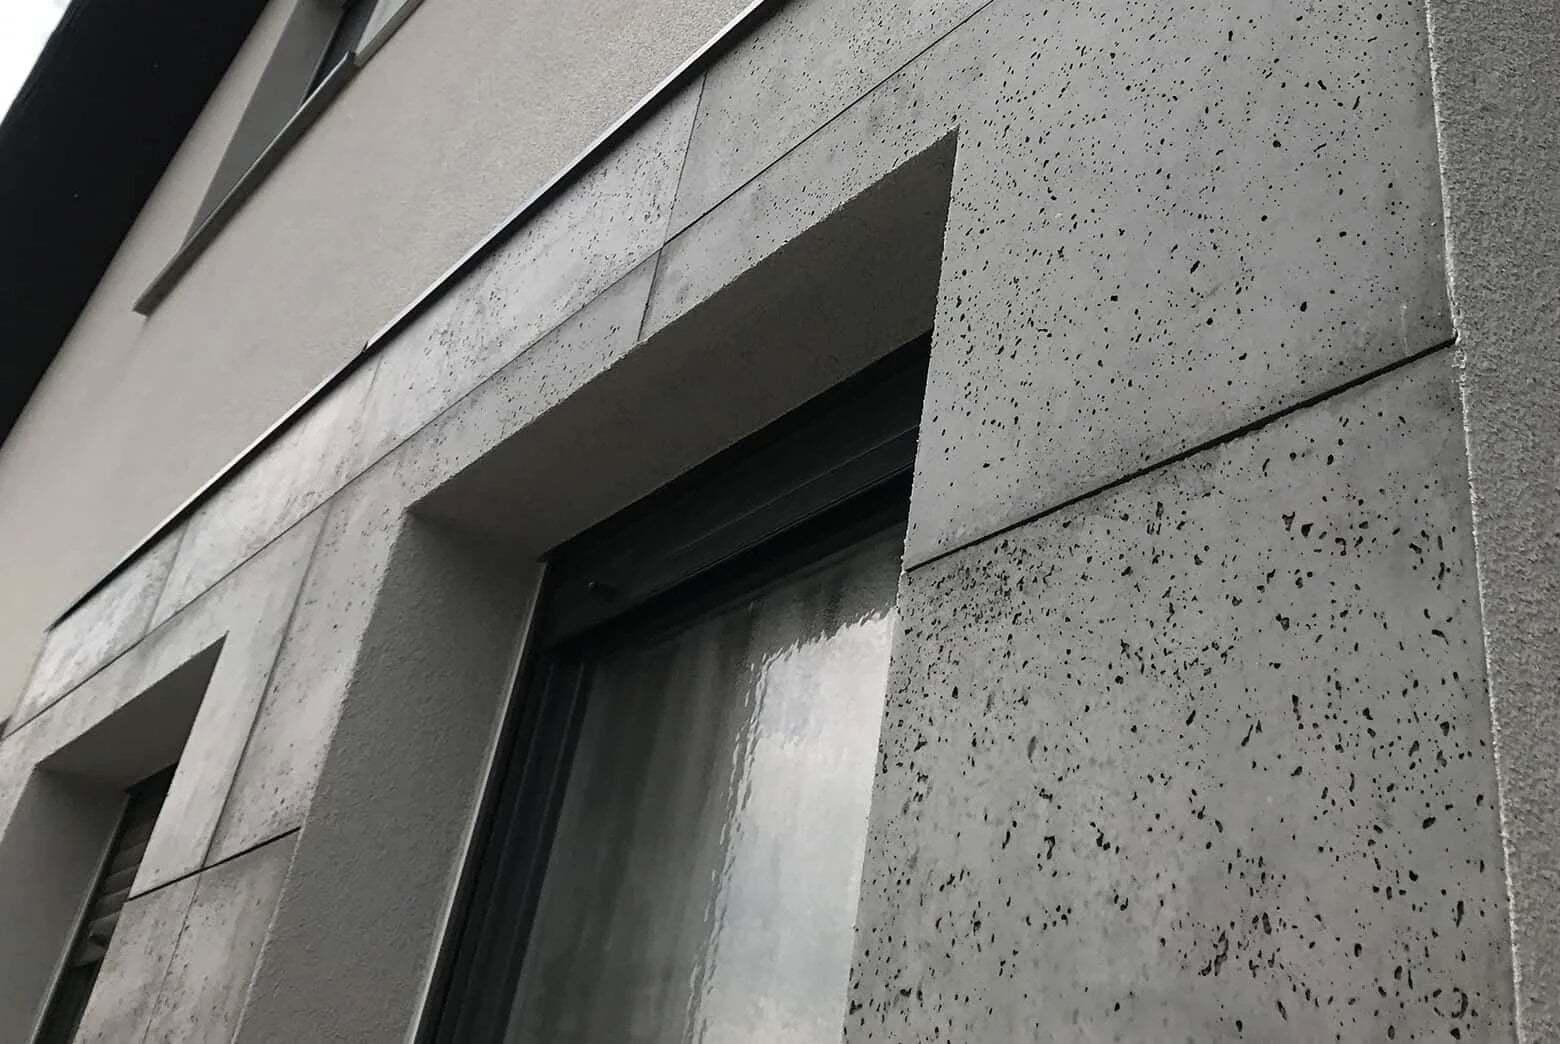 płyty betonowe zewnętrzne struktura porowata